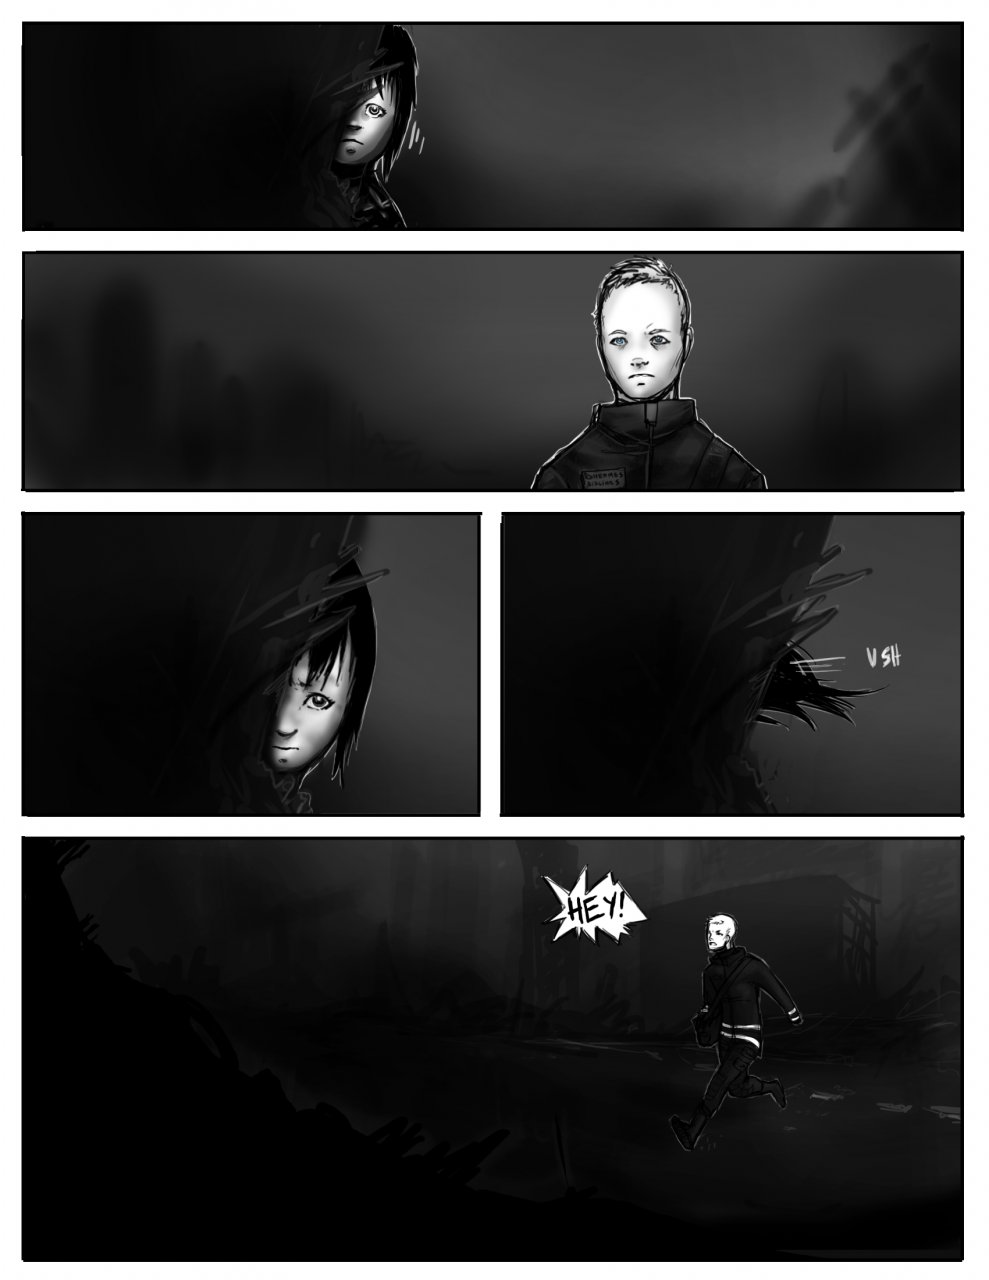 The Dollhouse pg 5